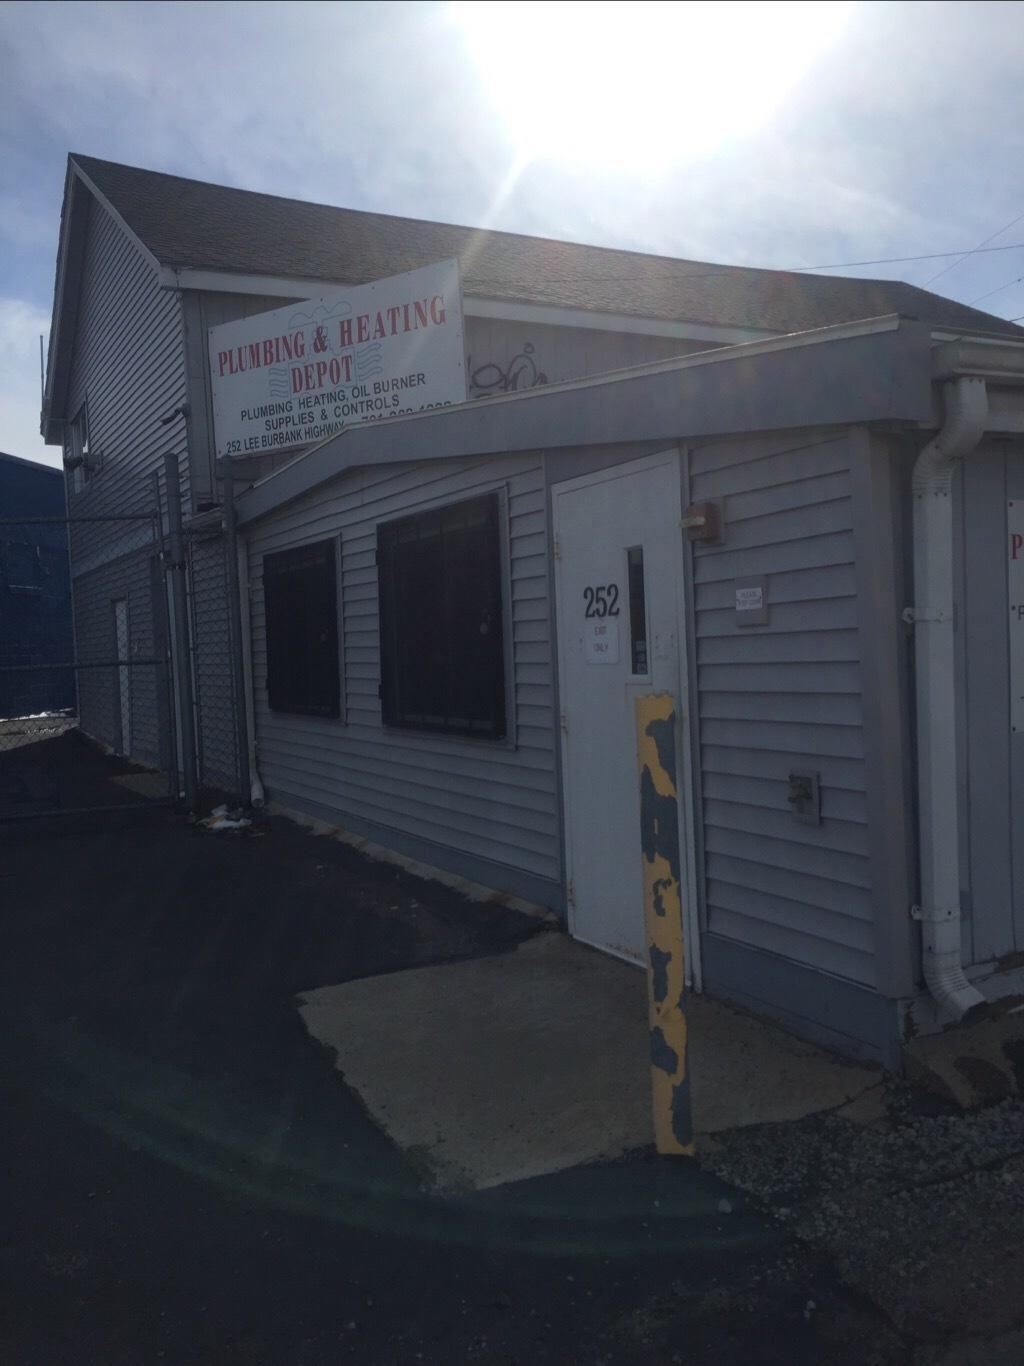 Plumbing &Heating Depot image 1